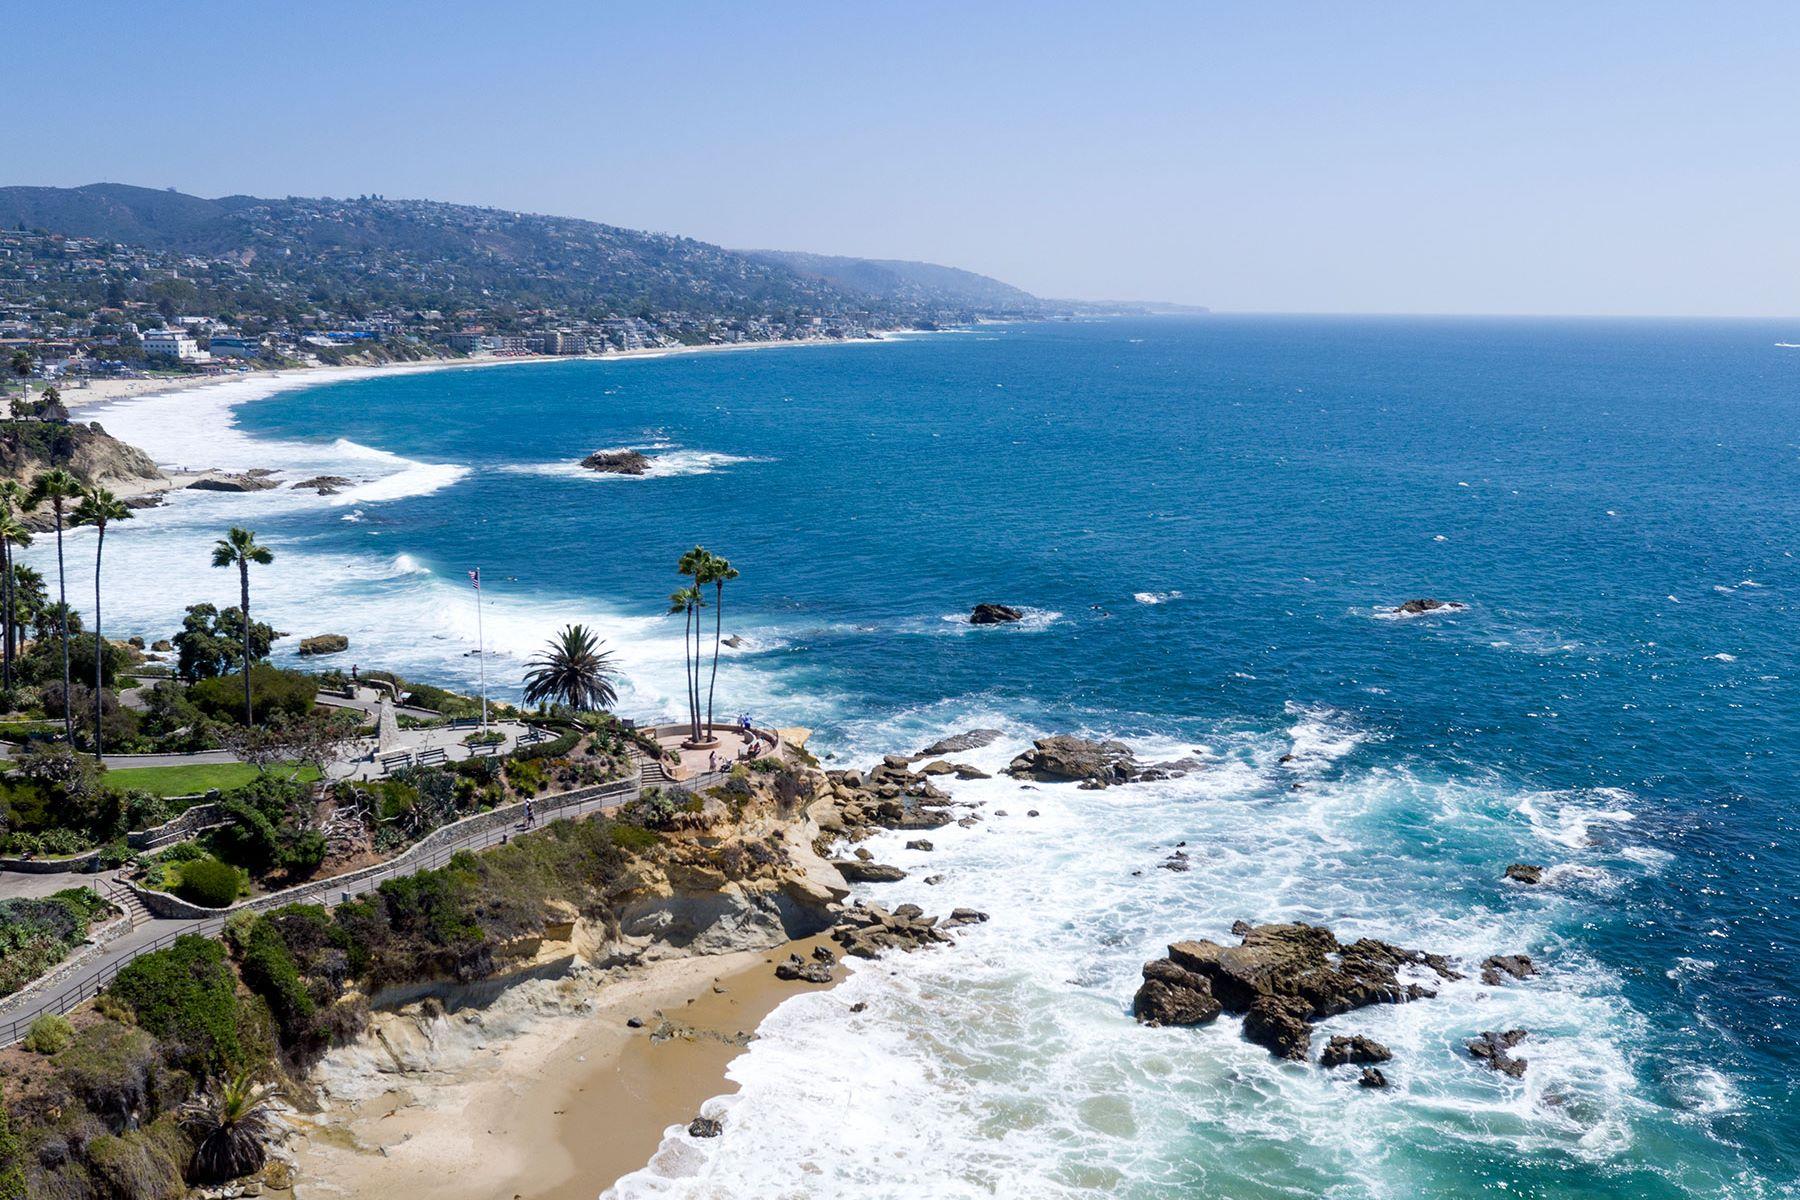 独户住宅 为 销售 在 594 Cliff Dr. 拉古纳, 加利福尼亚州, 92651 美国